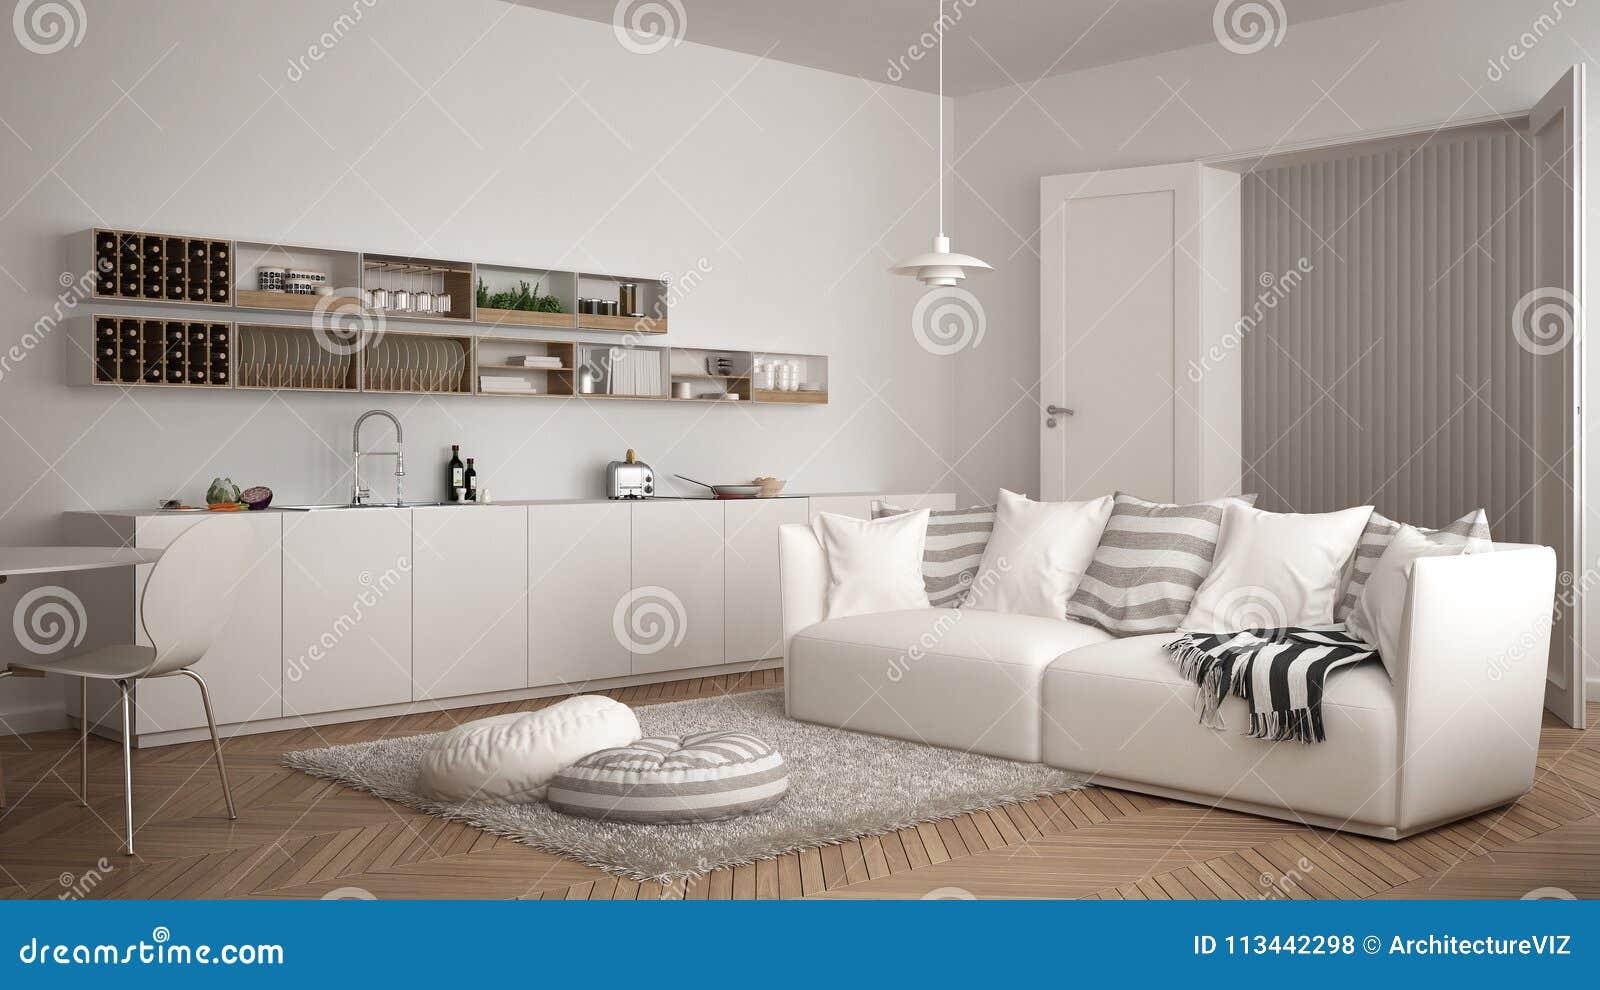 Keuken Interieur Scandinavisch : Skandinavische moderne woonkamer met keuken eettafel bank en